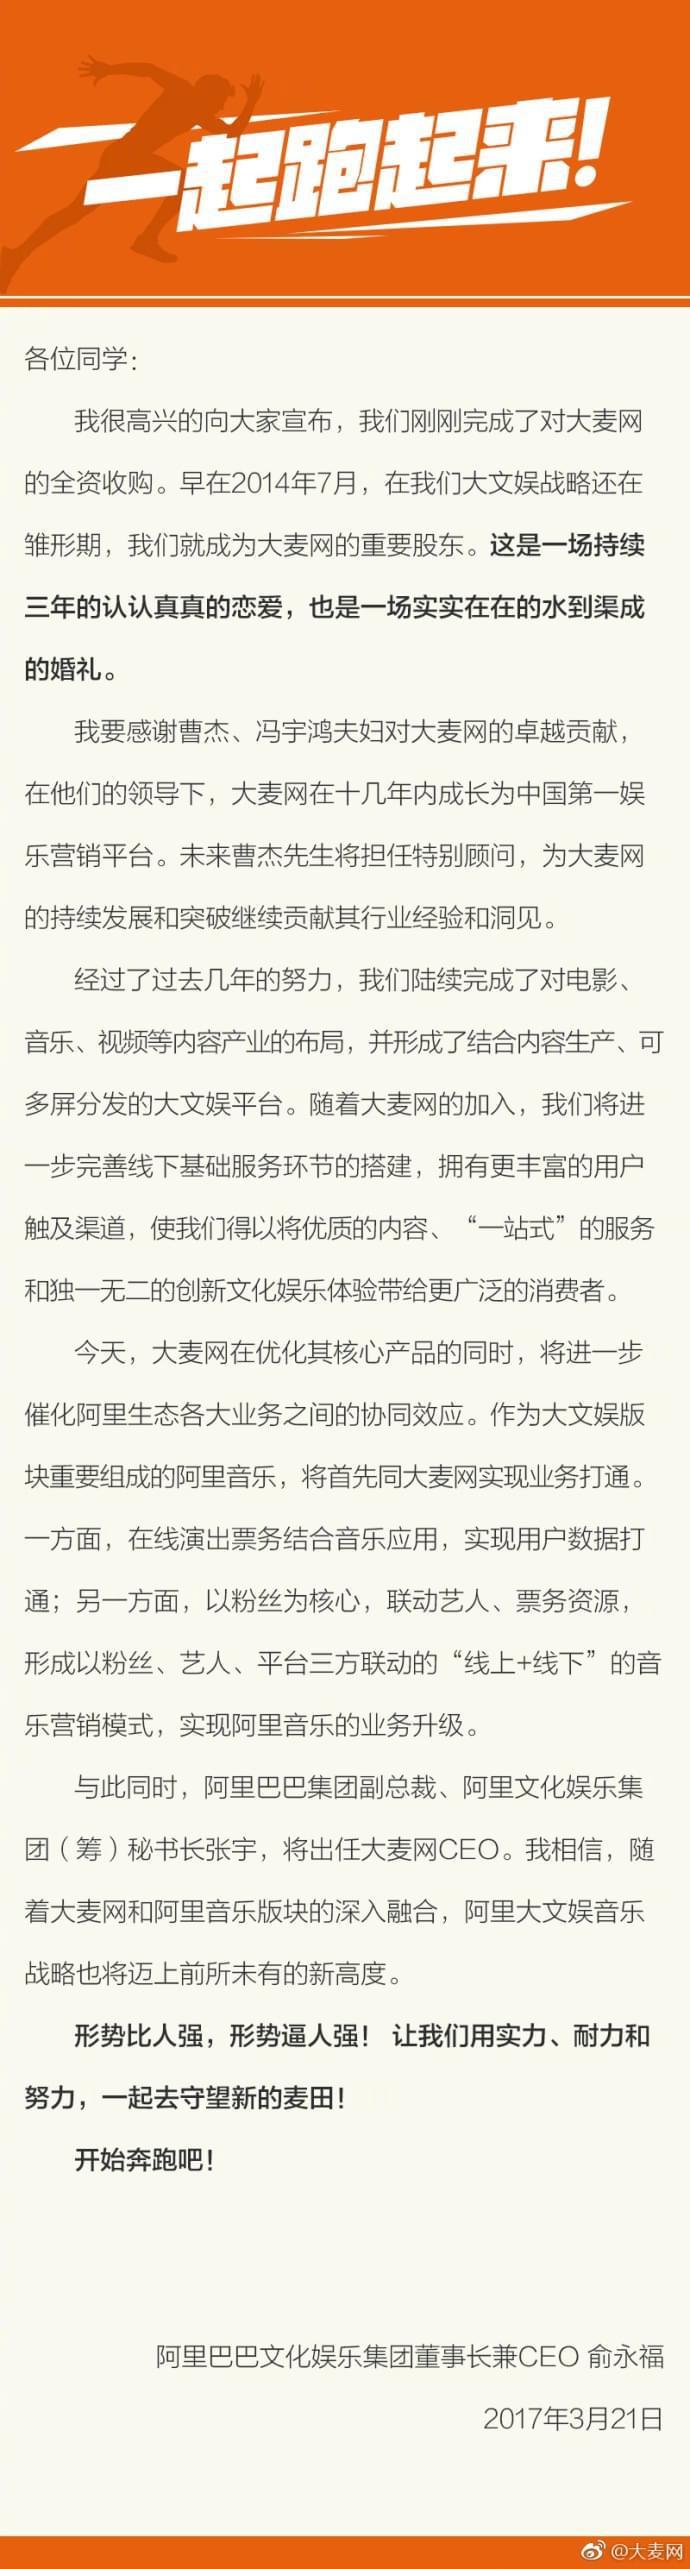 阿里巴巴宣布收购大麦网 张宇将出任大麦网CEO